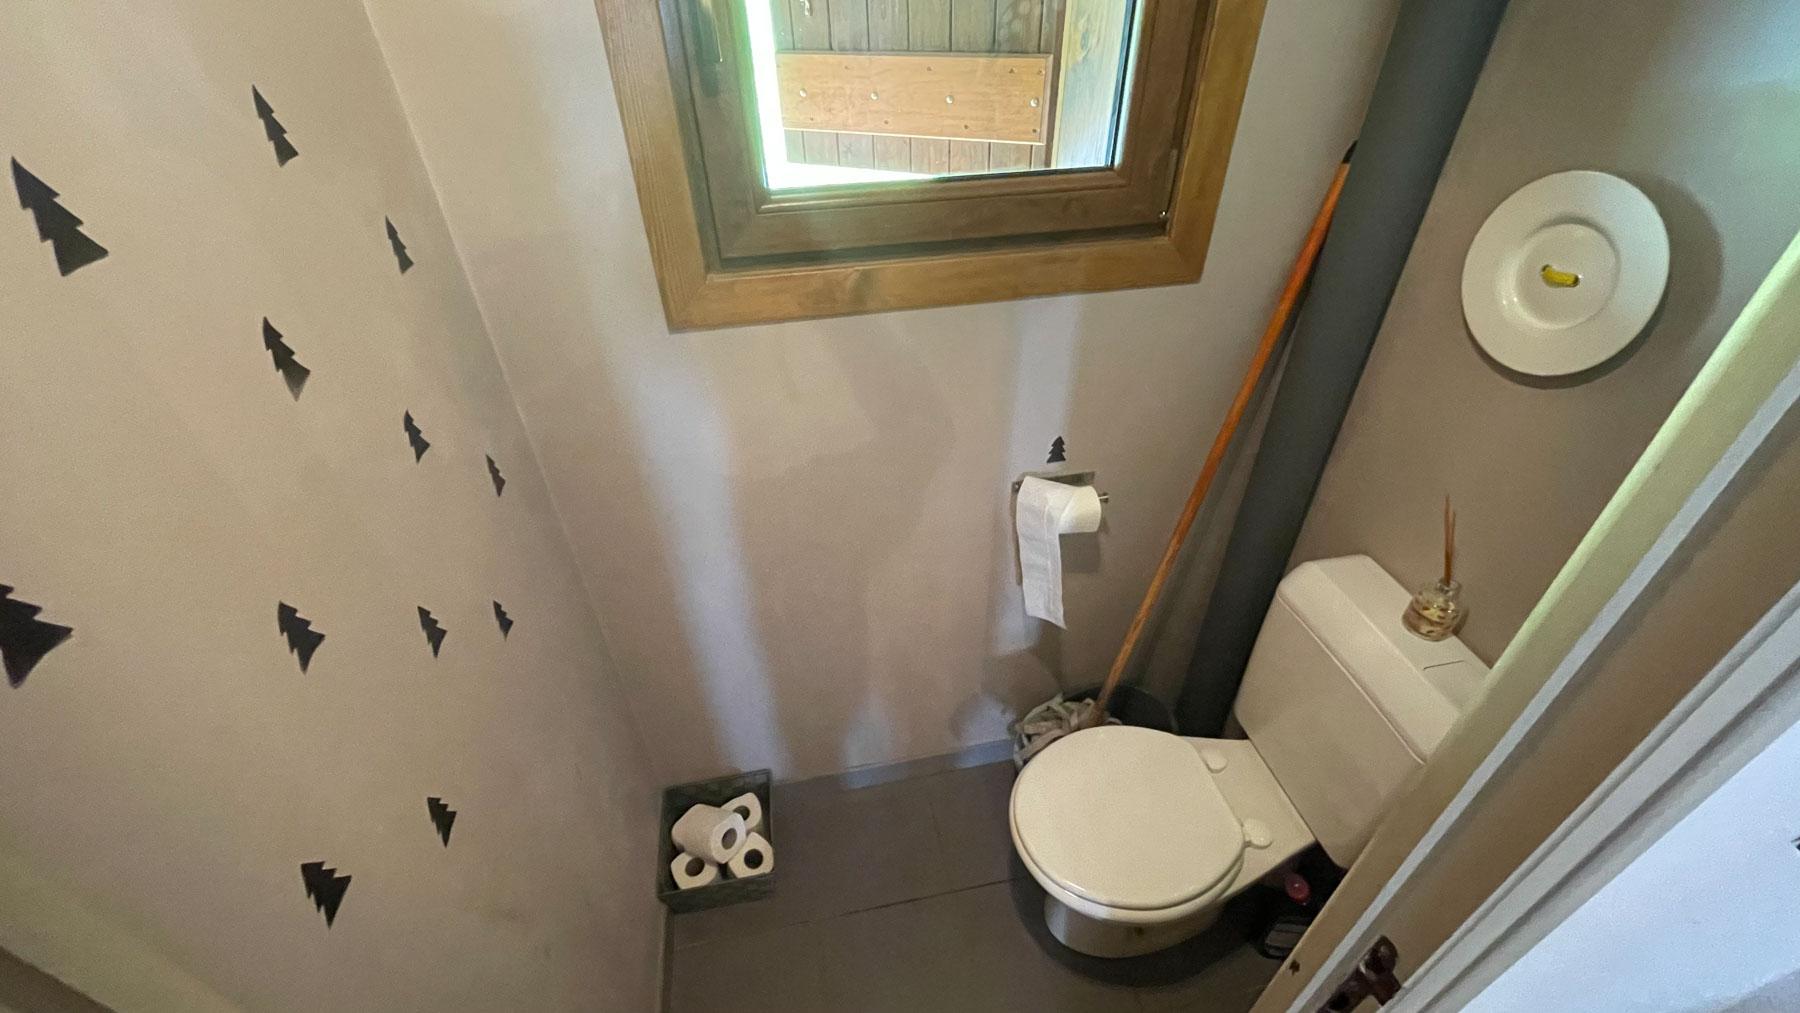 Putheys Duplex WC